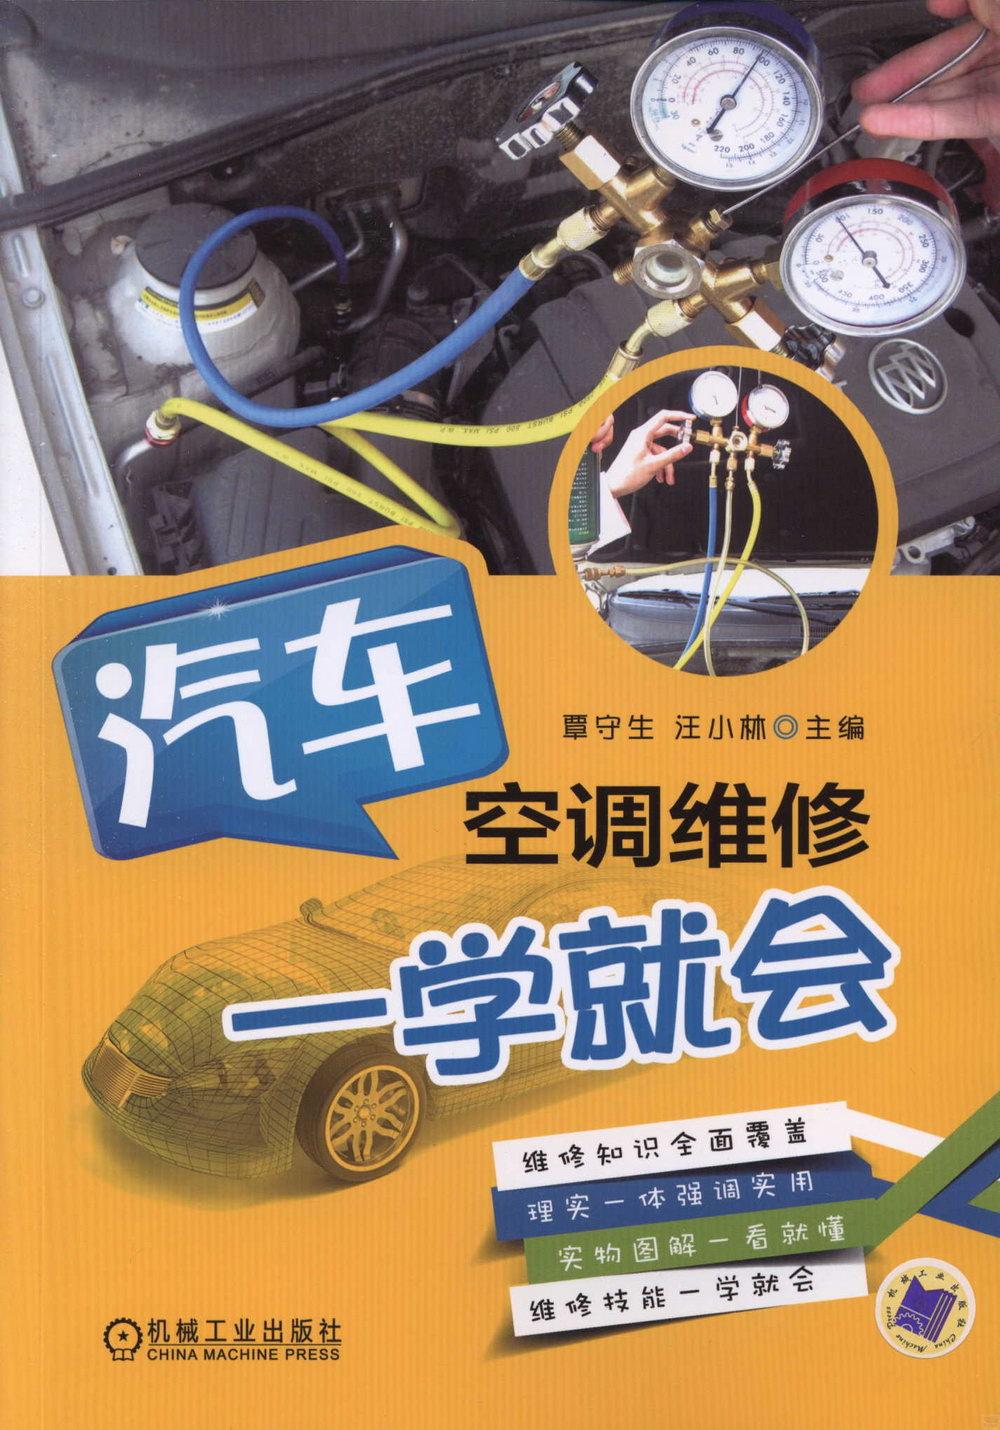 汽車空調維修一學就會